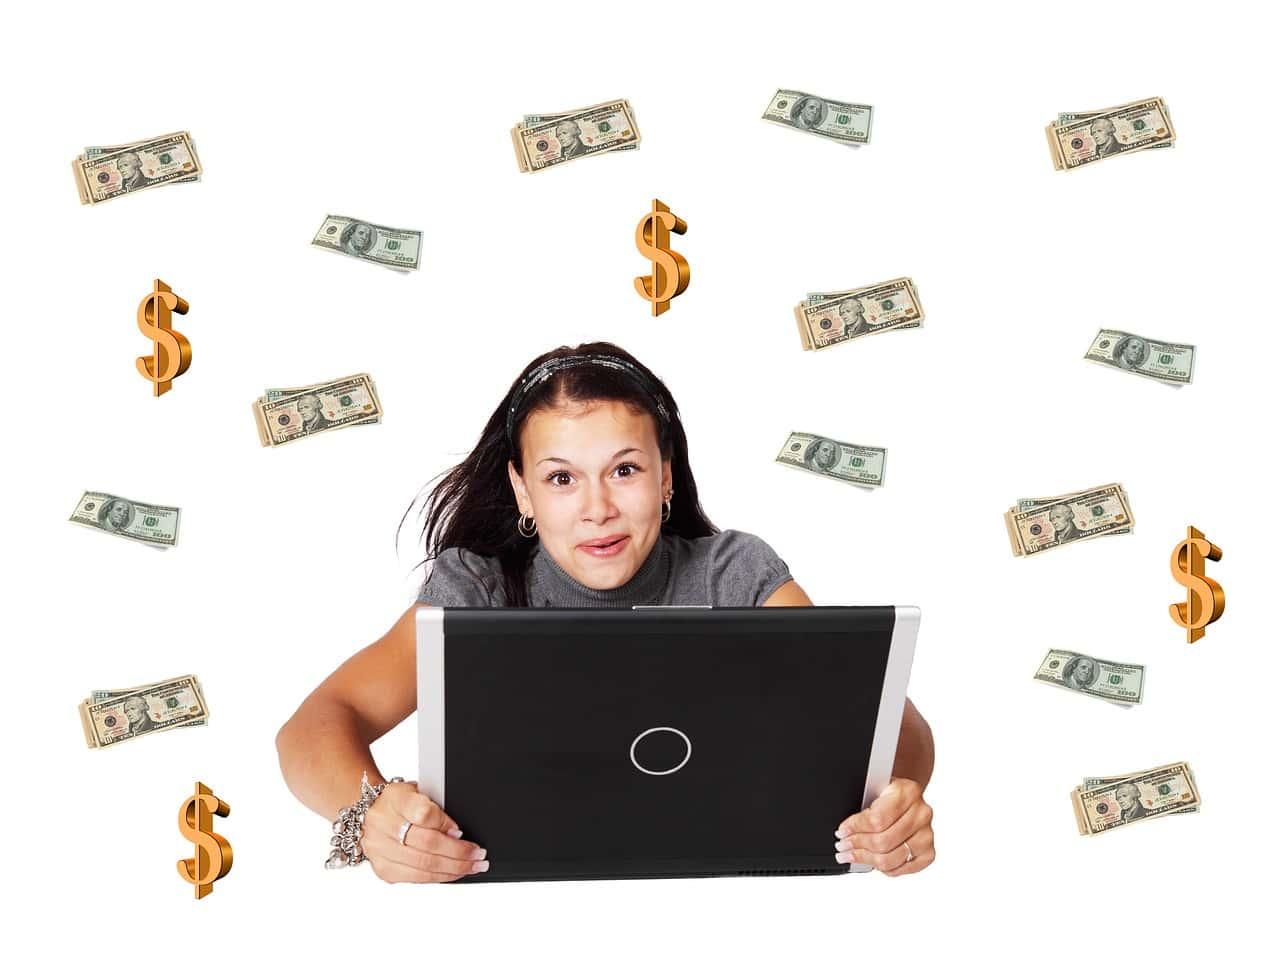 Fare soldi online - Fare soldi online legalmente con sondaggi retribuiti e app